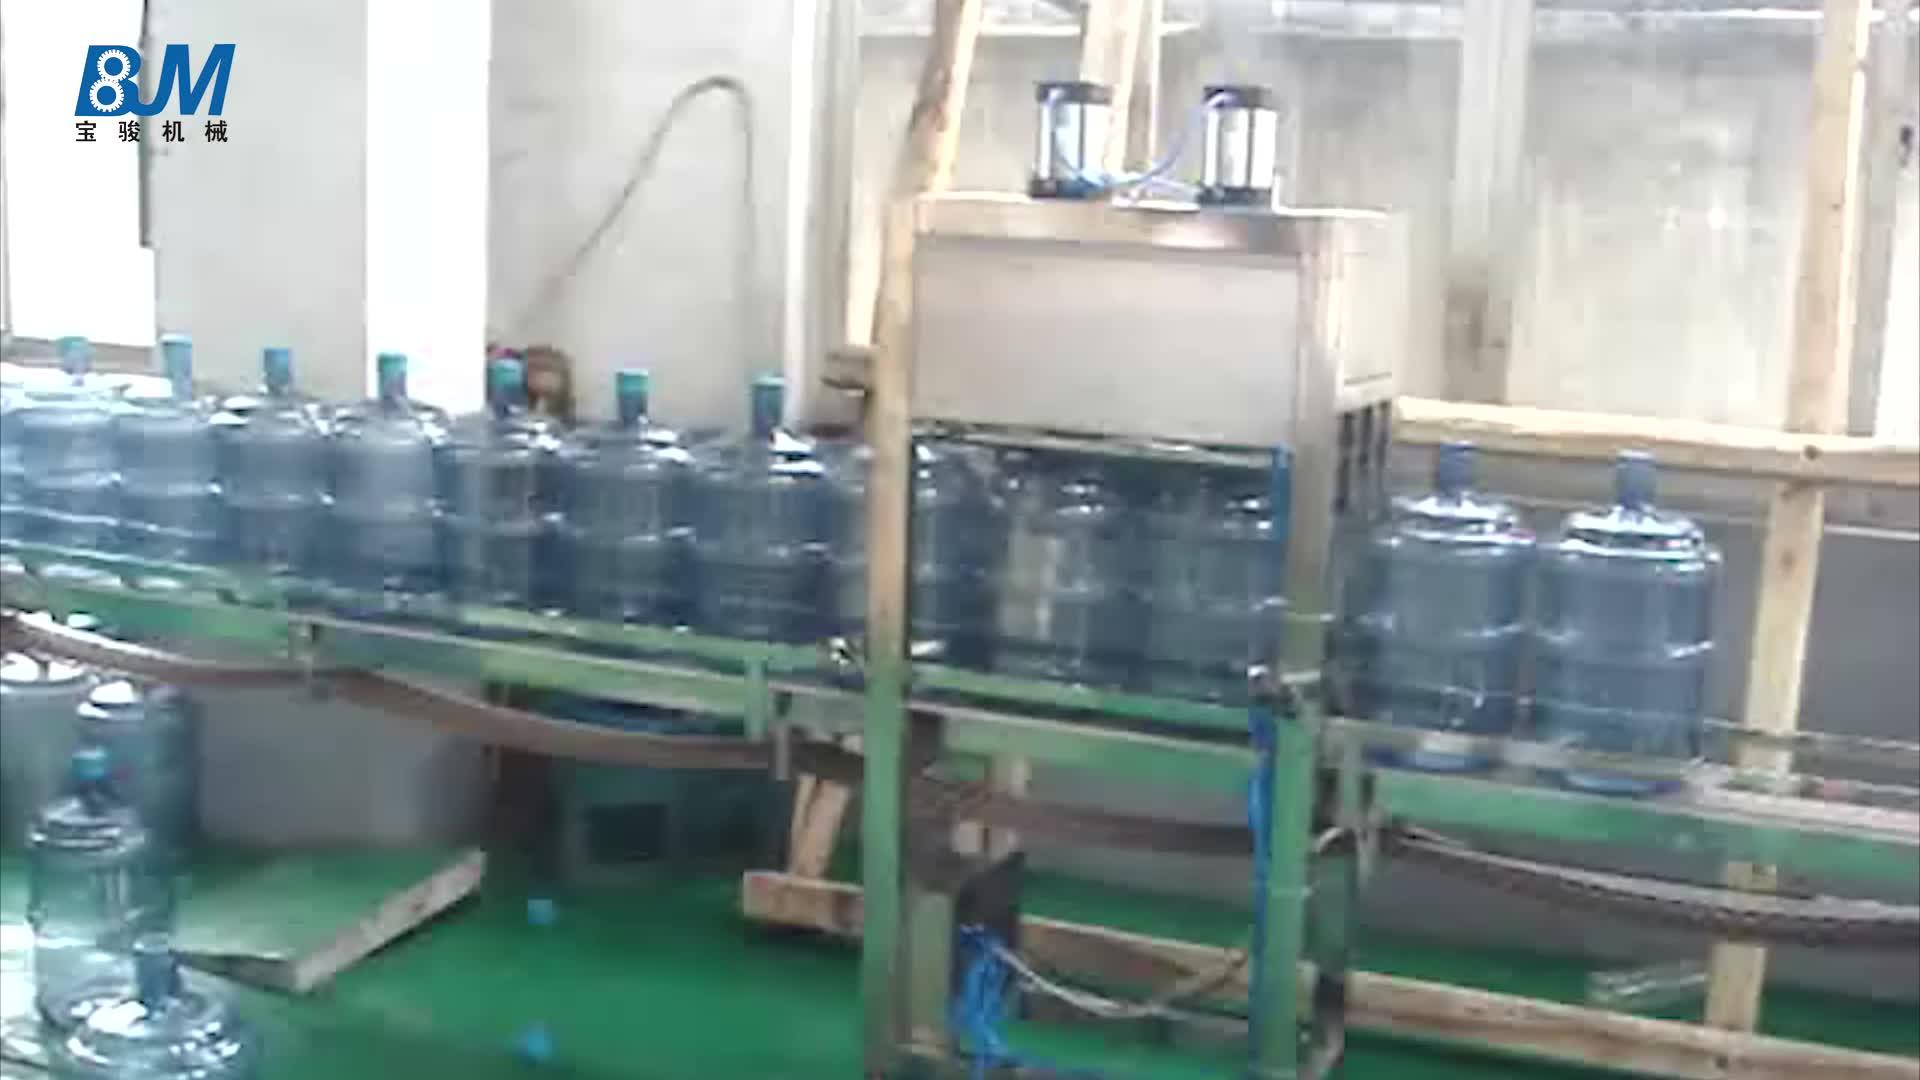 बोतल पानी rinser/बोतल पानी rinser मशीन/बोतल पानी वॉशिंग मशीन